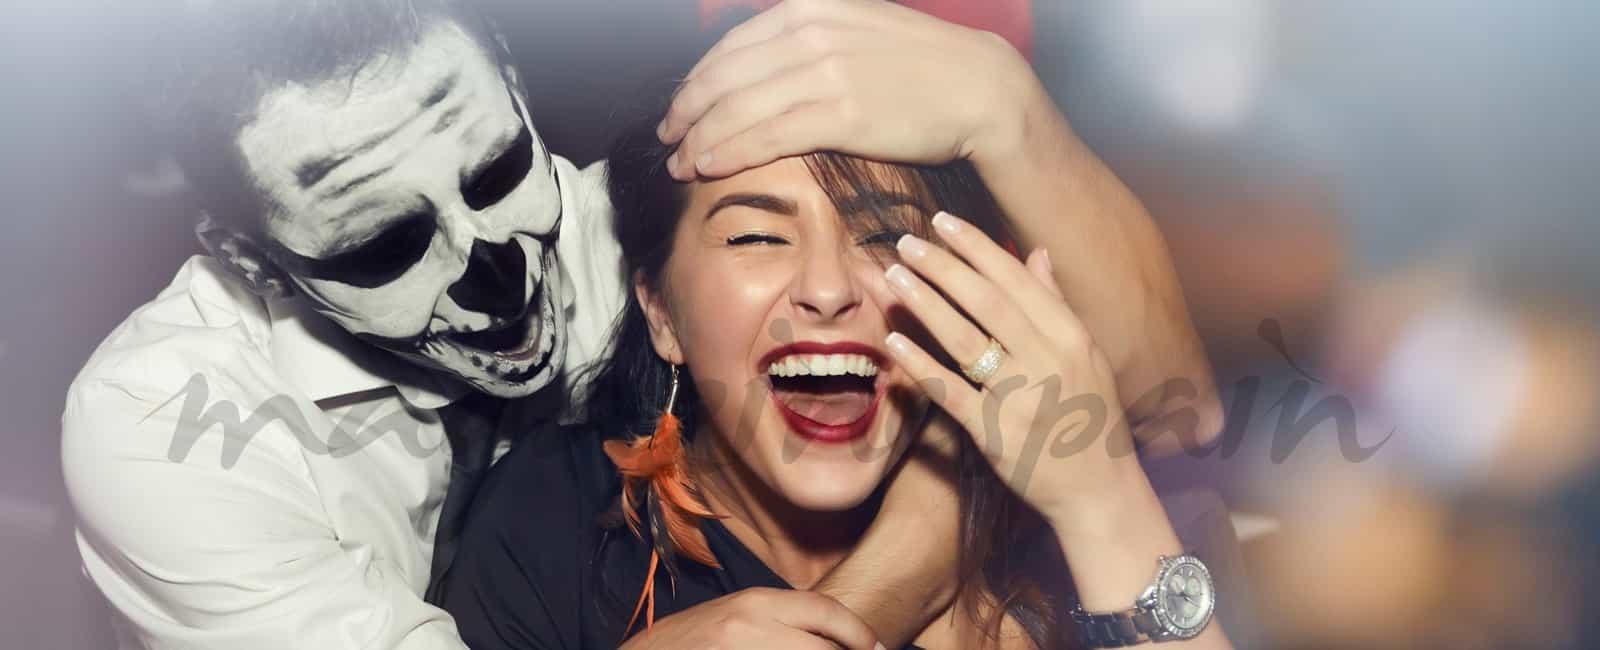 Los mejores disfraces de Halloween para encontrar tu «media calabaza»